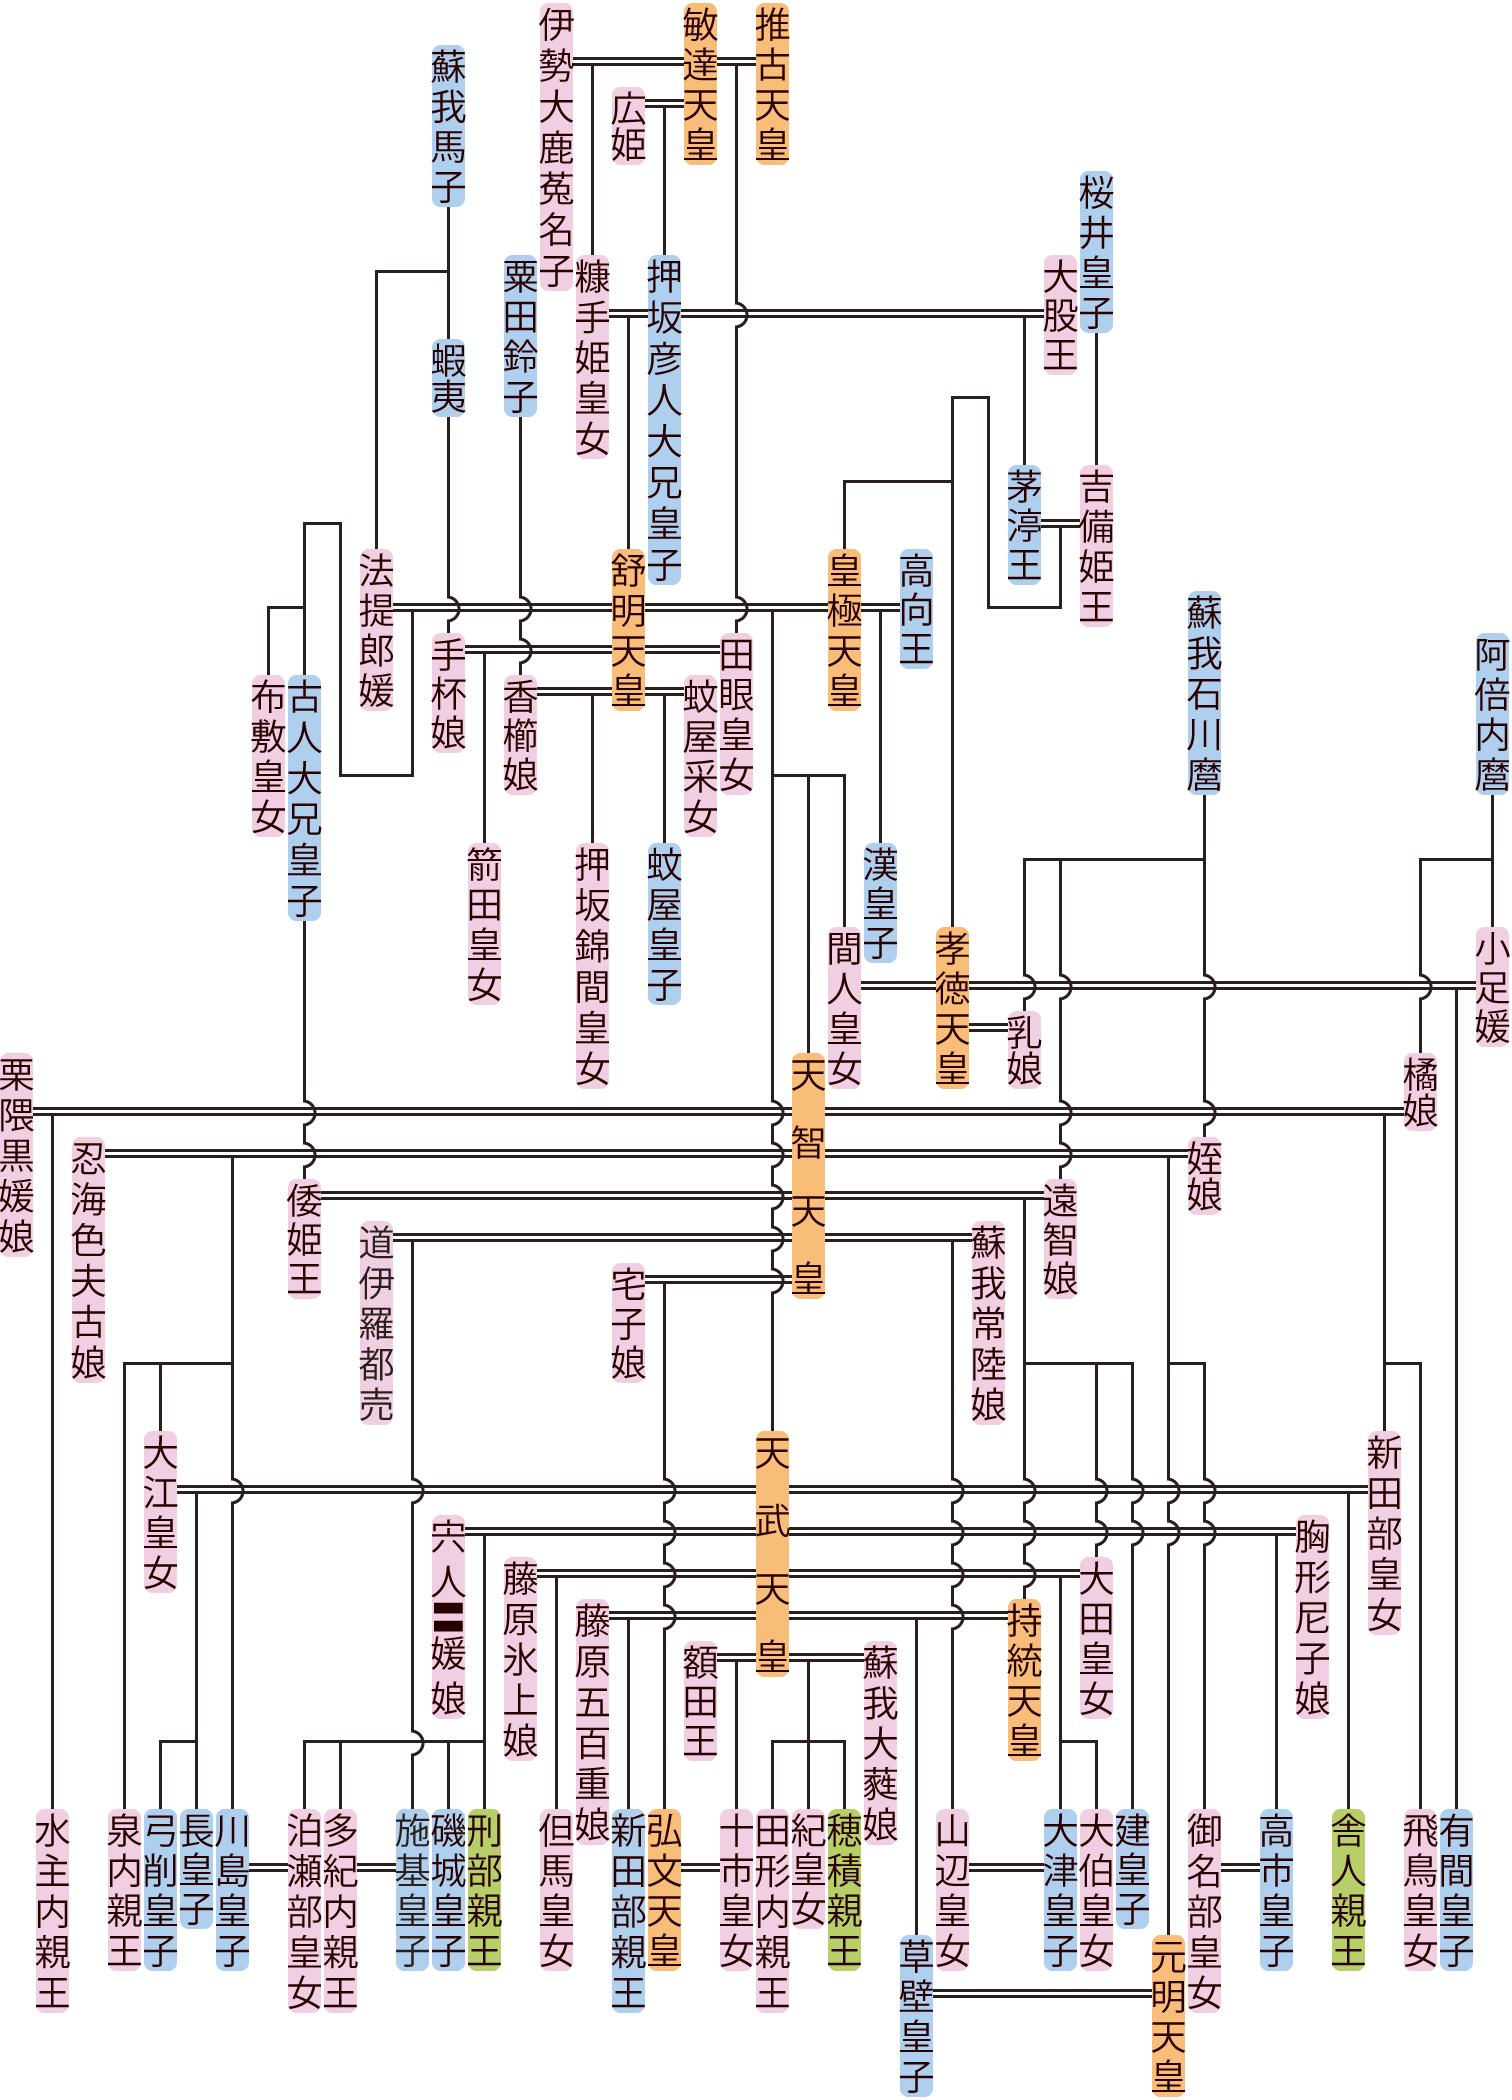 舒明天皇~斉明天皇の系図